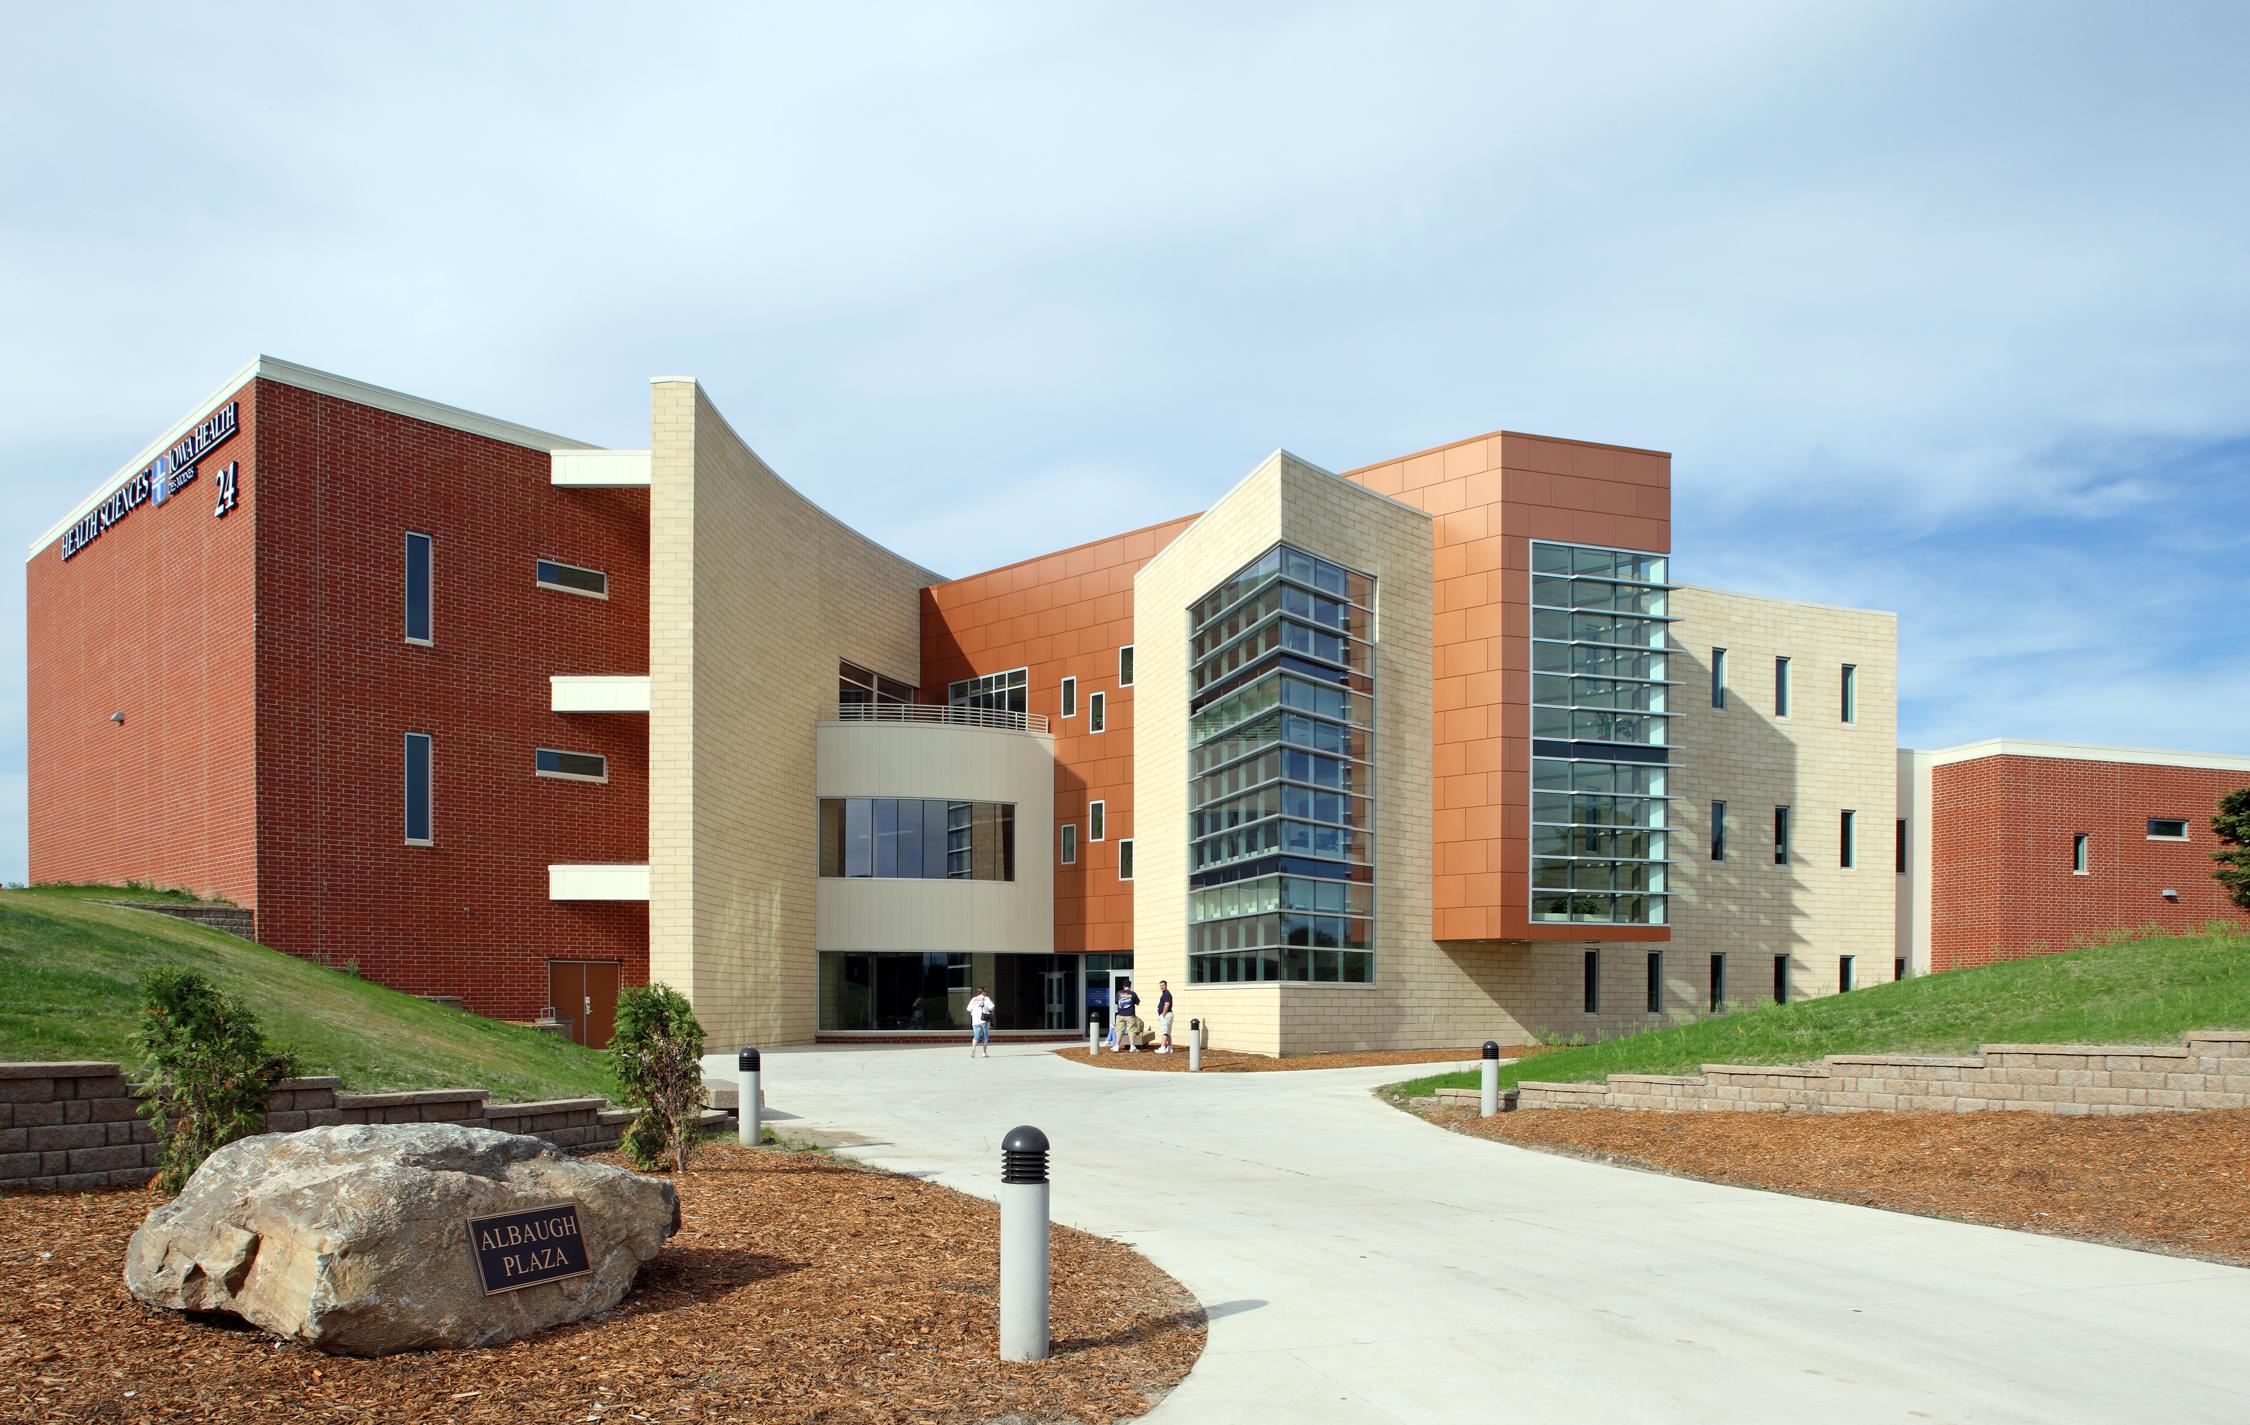 Des Moines Area Community College Health Sciences Building